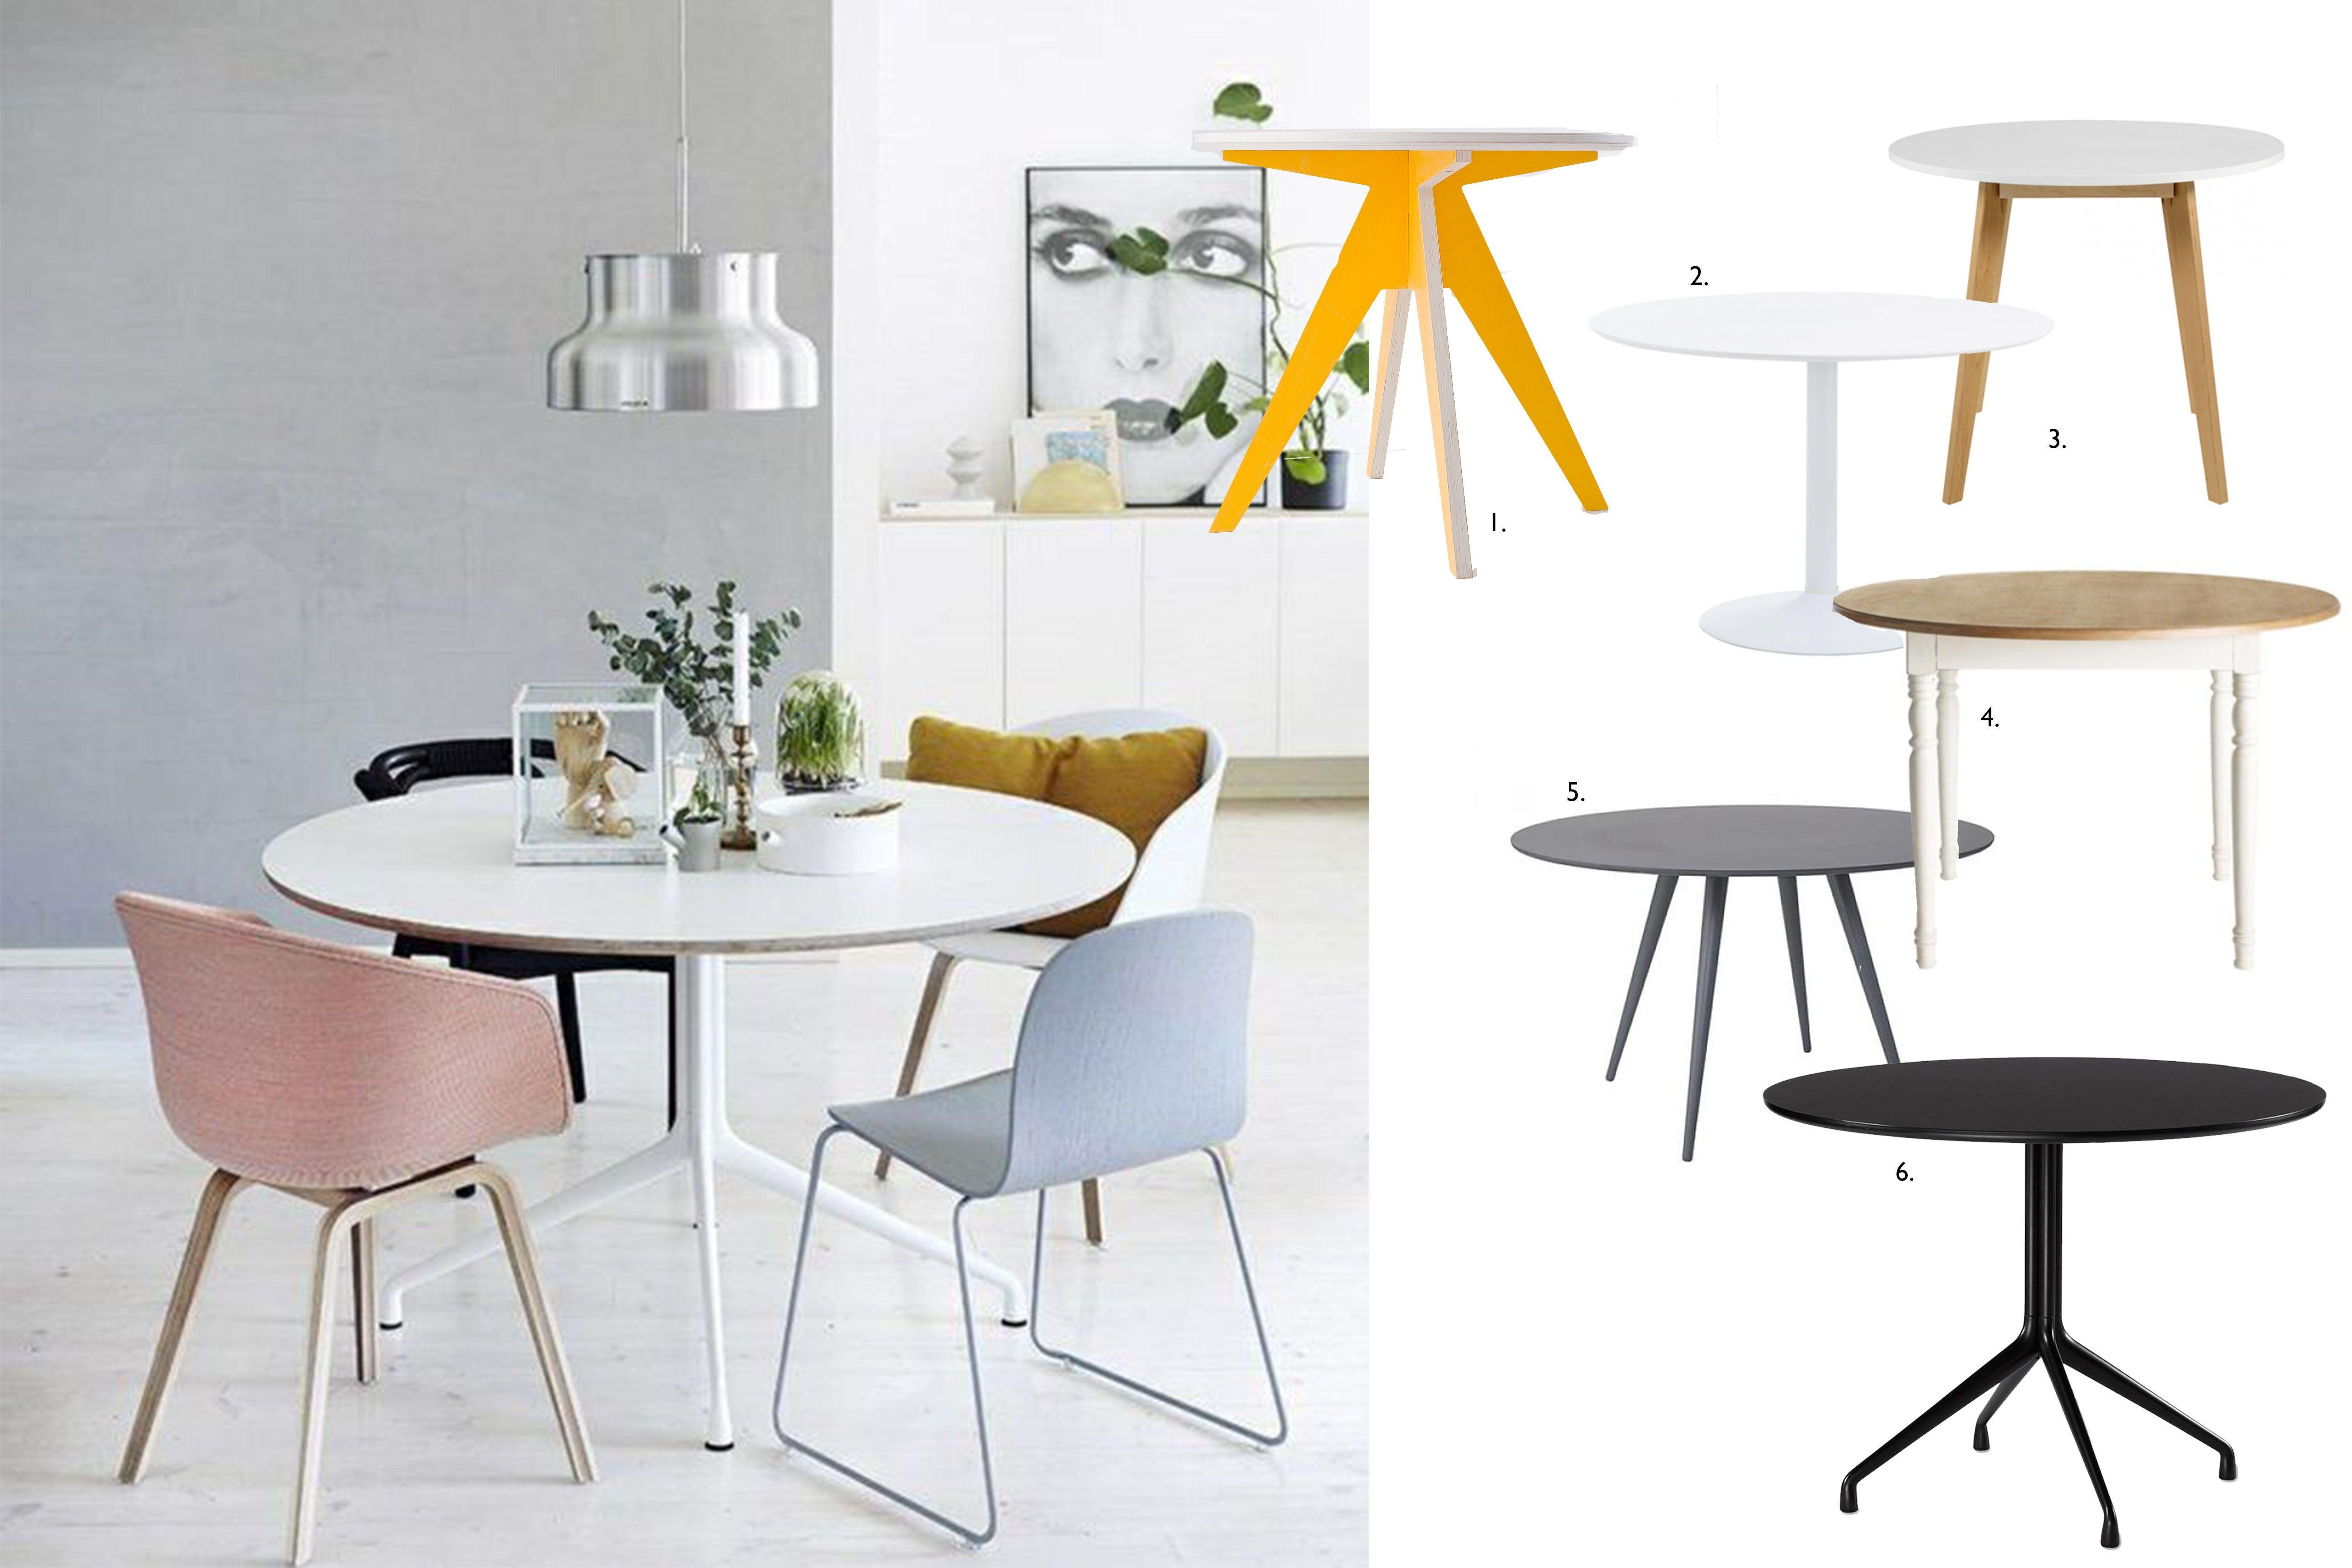 Bei Kleinen Wohnungen Stellt Sich Die Frage Nach Dem Perfekten Esstisch Runde Tische Verschonern Jeden Raum Und Bieten Genugen Kleiner Esstisch Tisch Esstisch